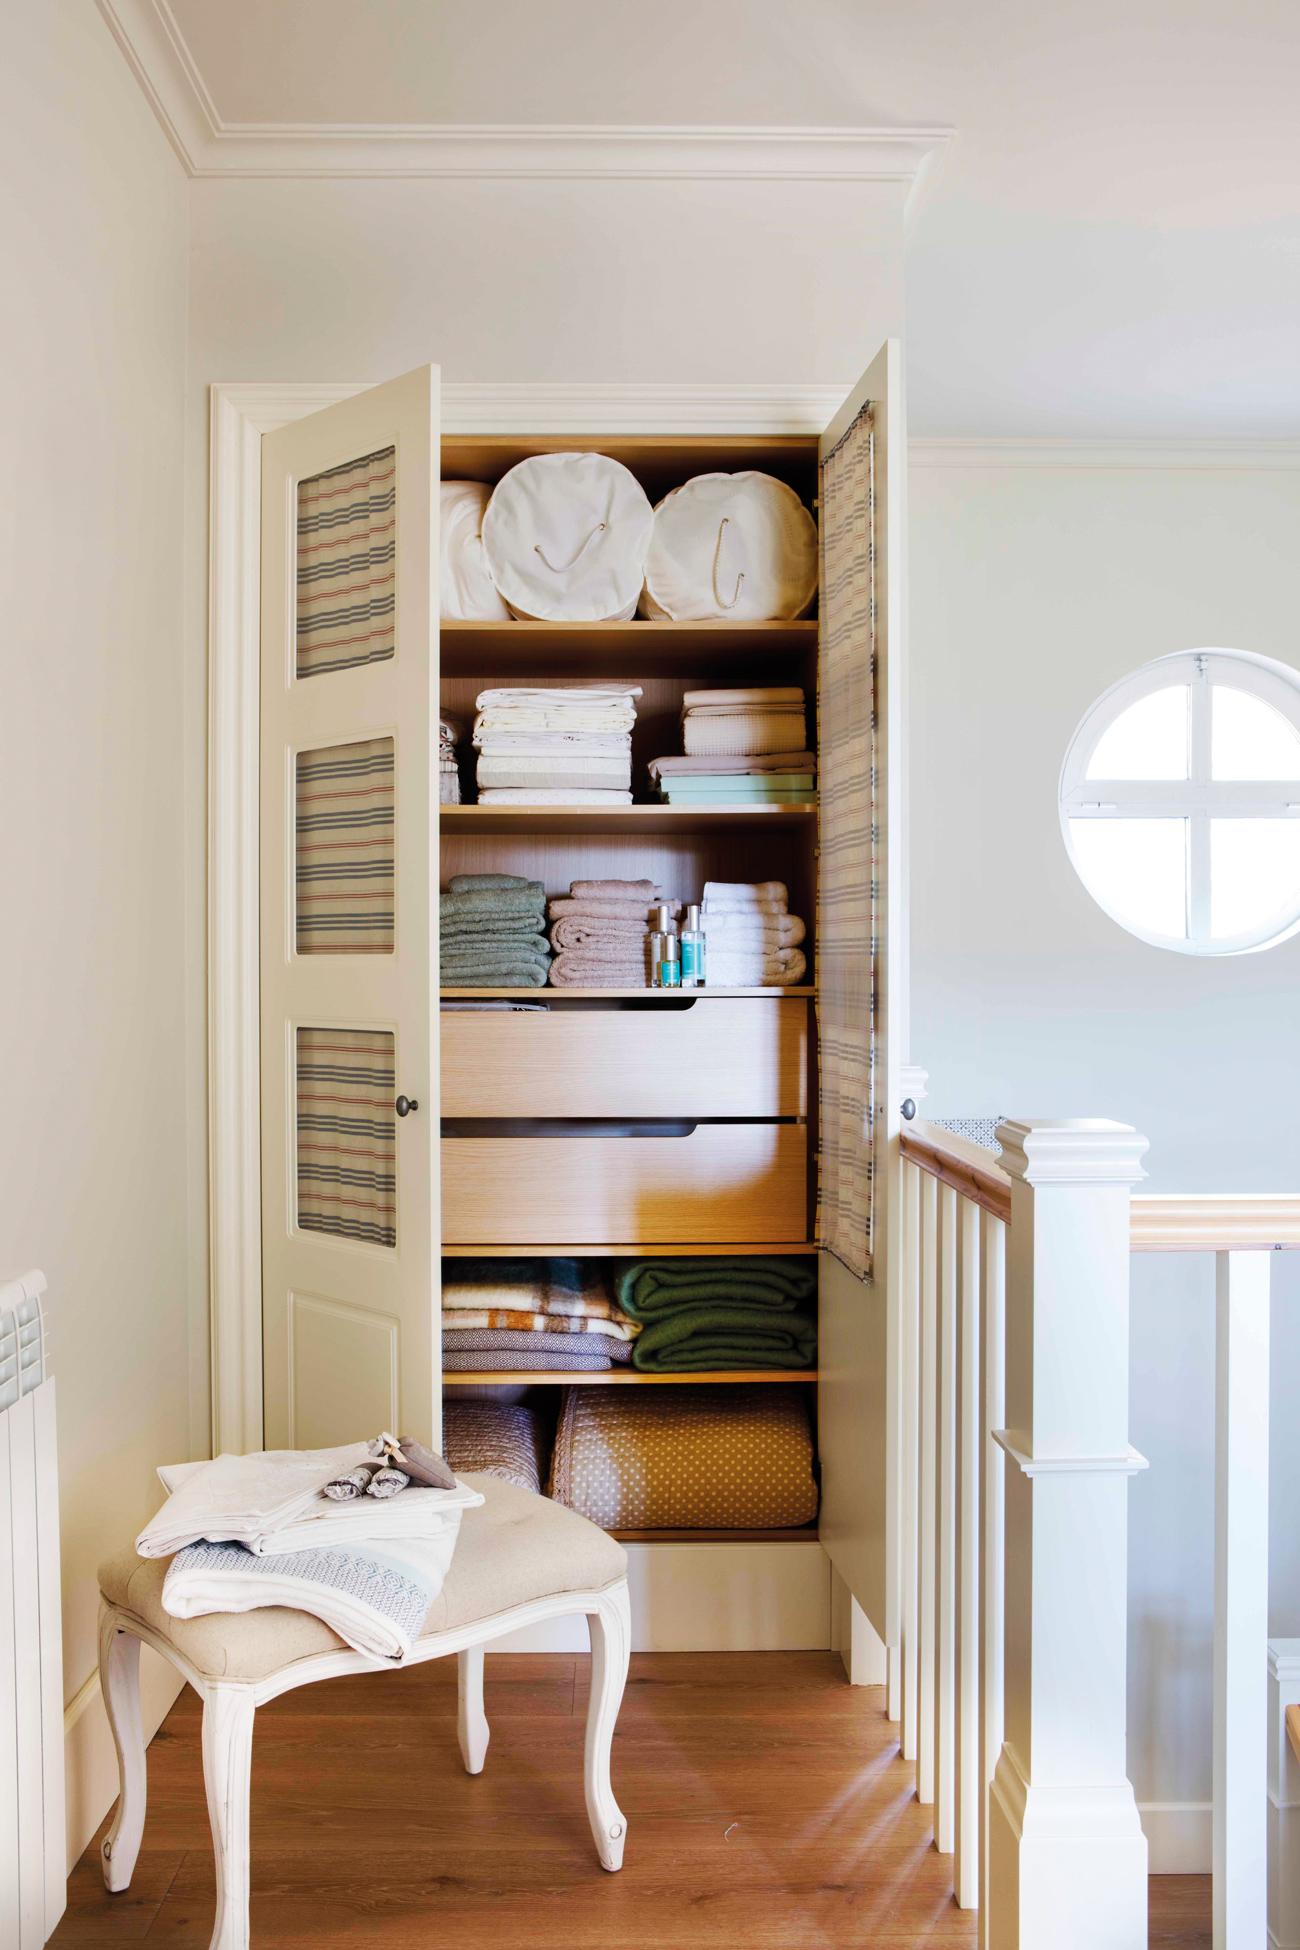 armario para la ropa blanca en descansillo junto a escaleras y banqueta